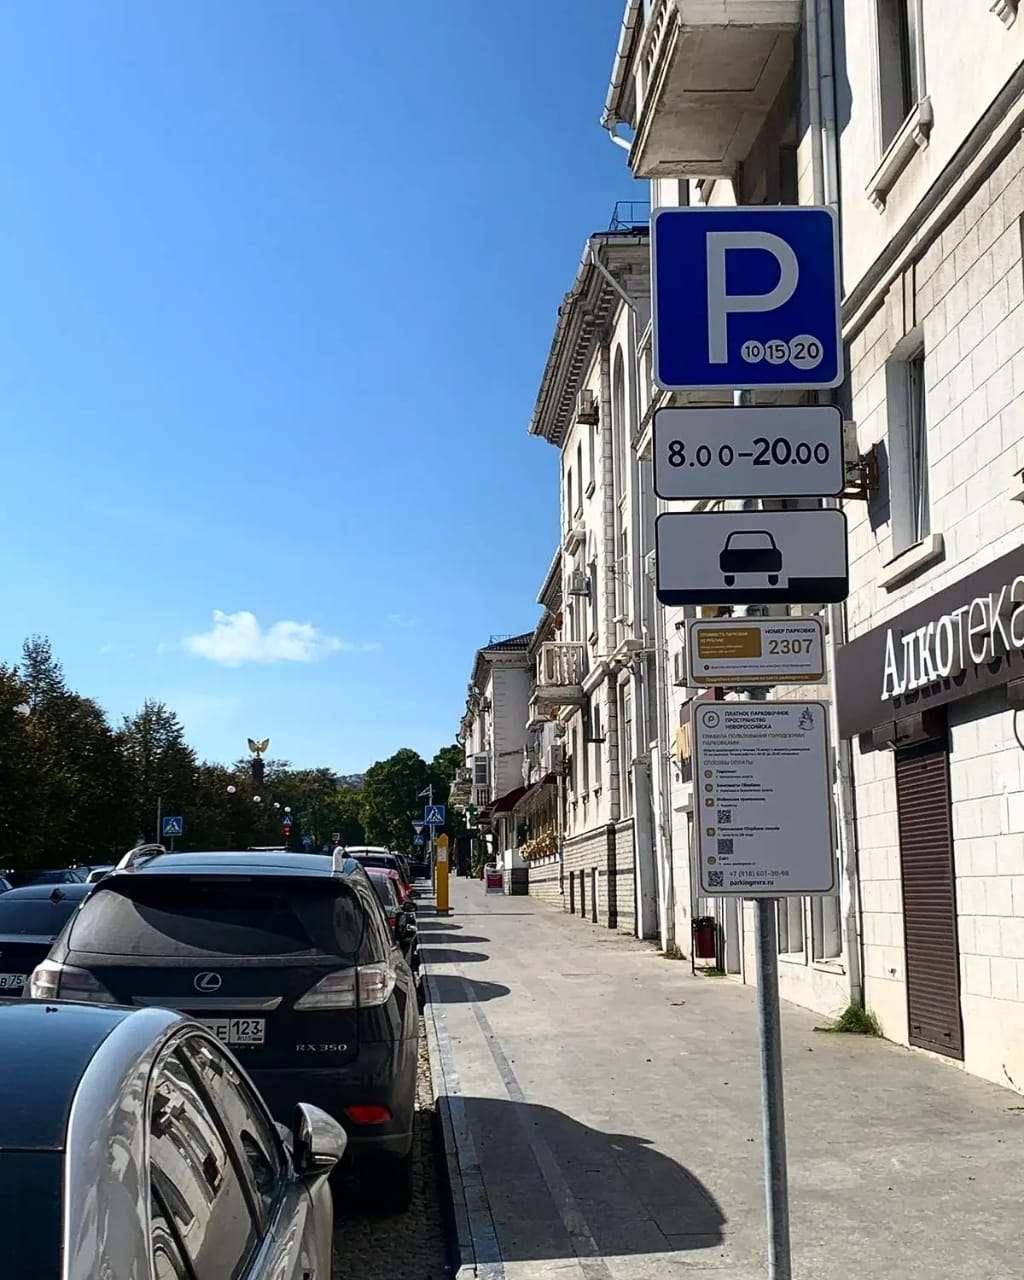 Уже завтра новороссийцы будут парковаться на улице Новороссийской республики за деньги